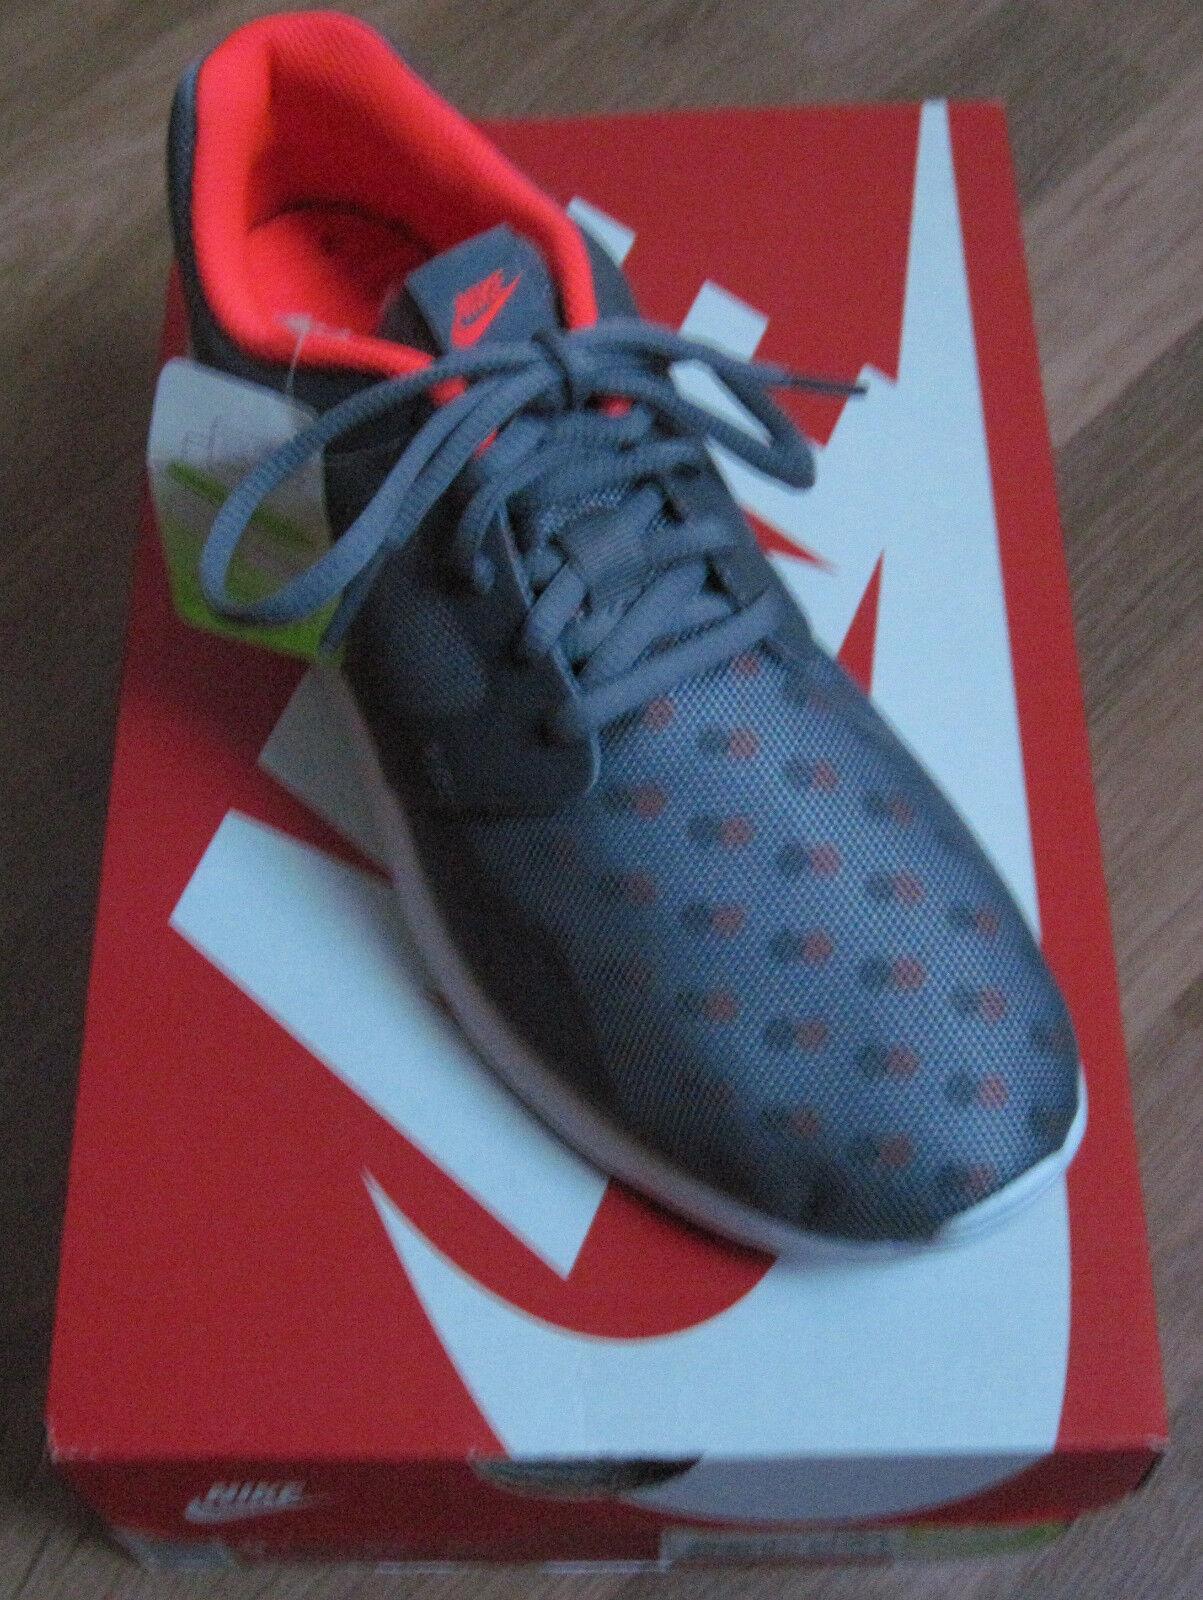 NIKE NIKE NIKE KAISHI Print Sneaker Turnschuh Laufschuh Sportschuh grau DOTS 9 / 40,5 NEU 9faace